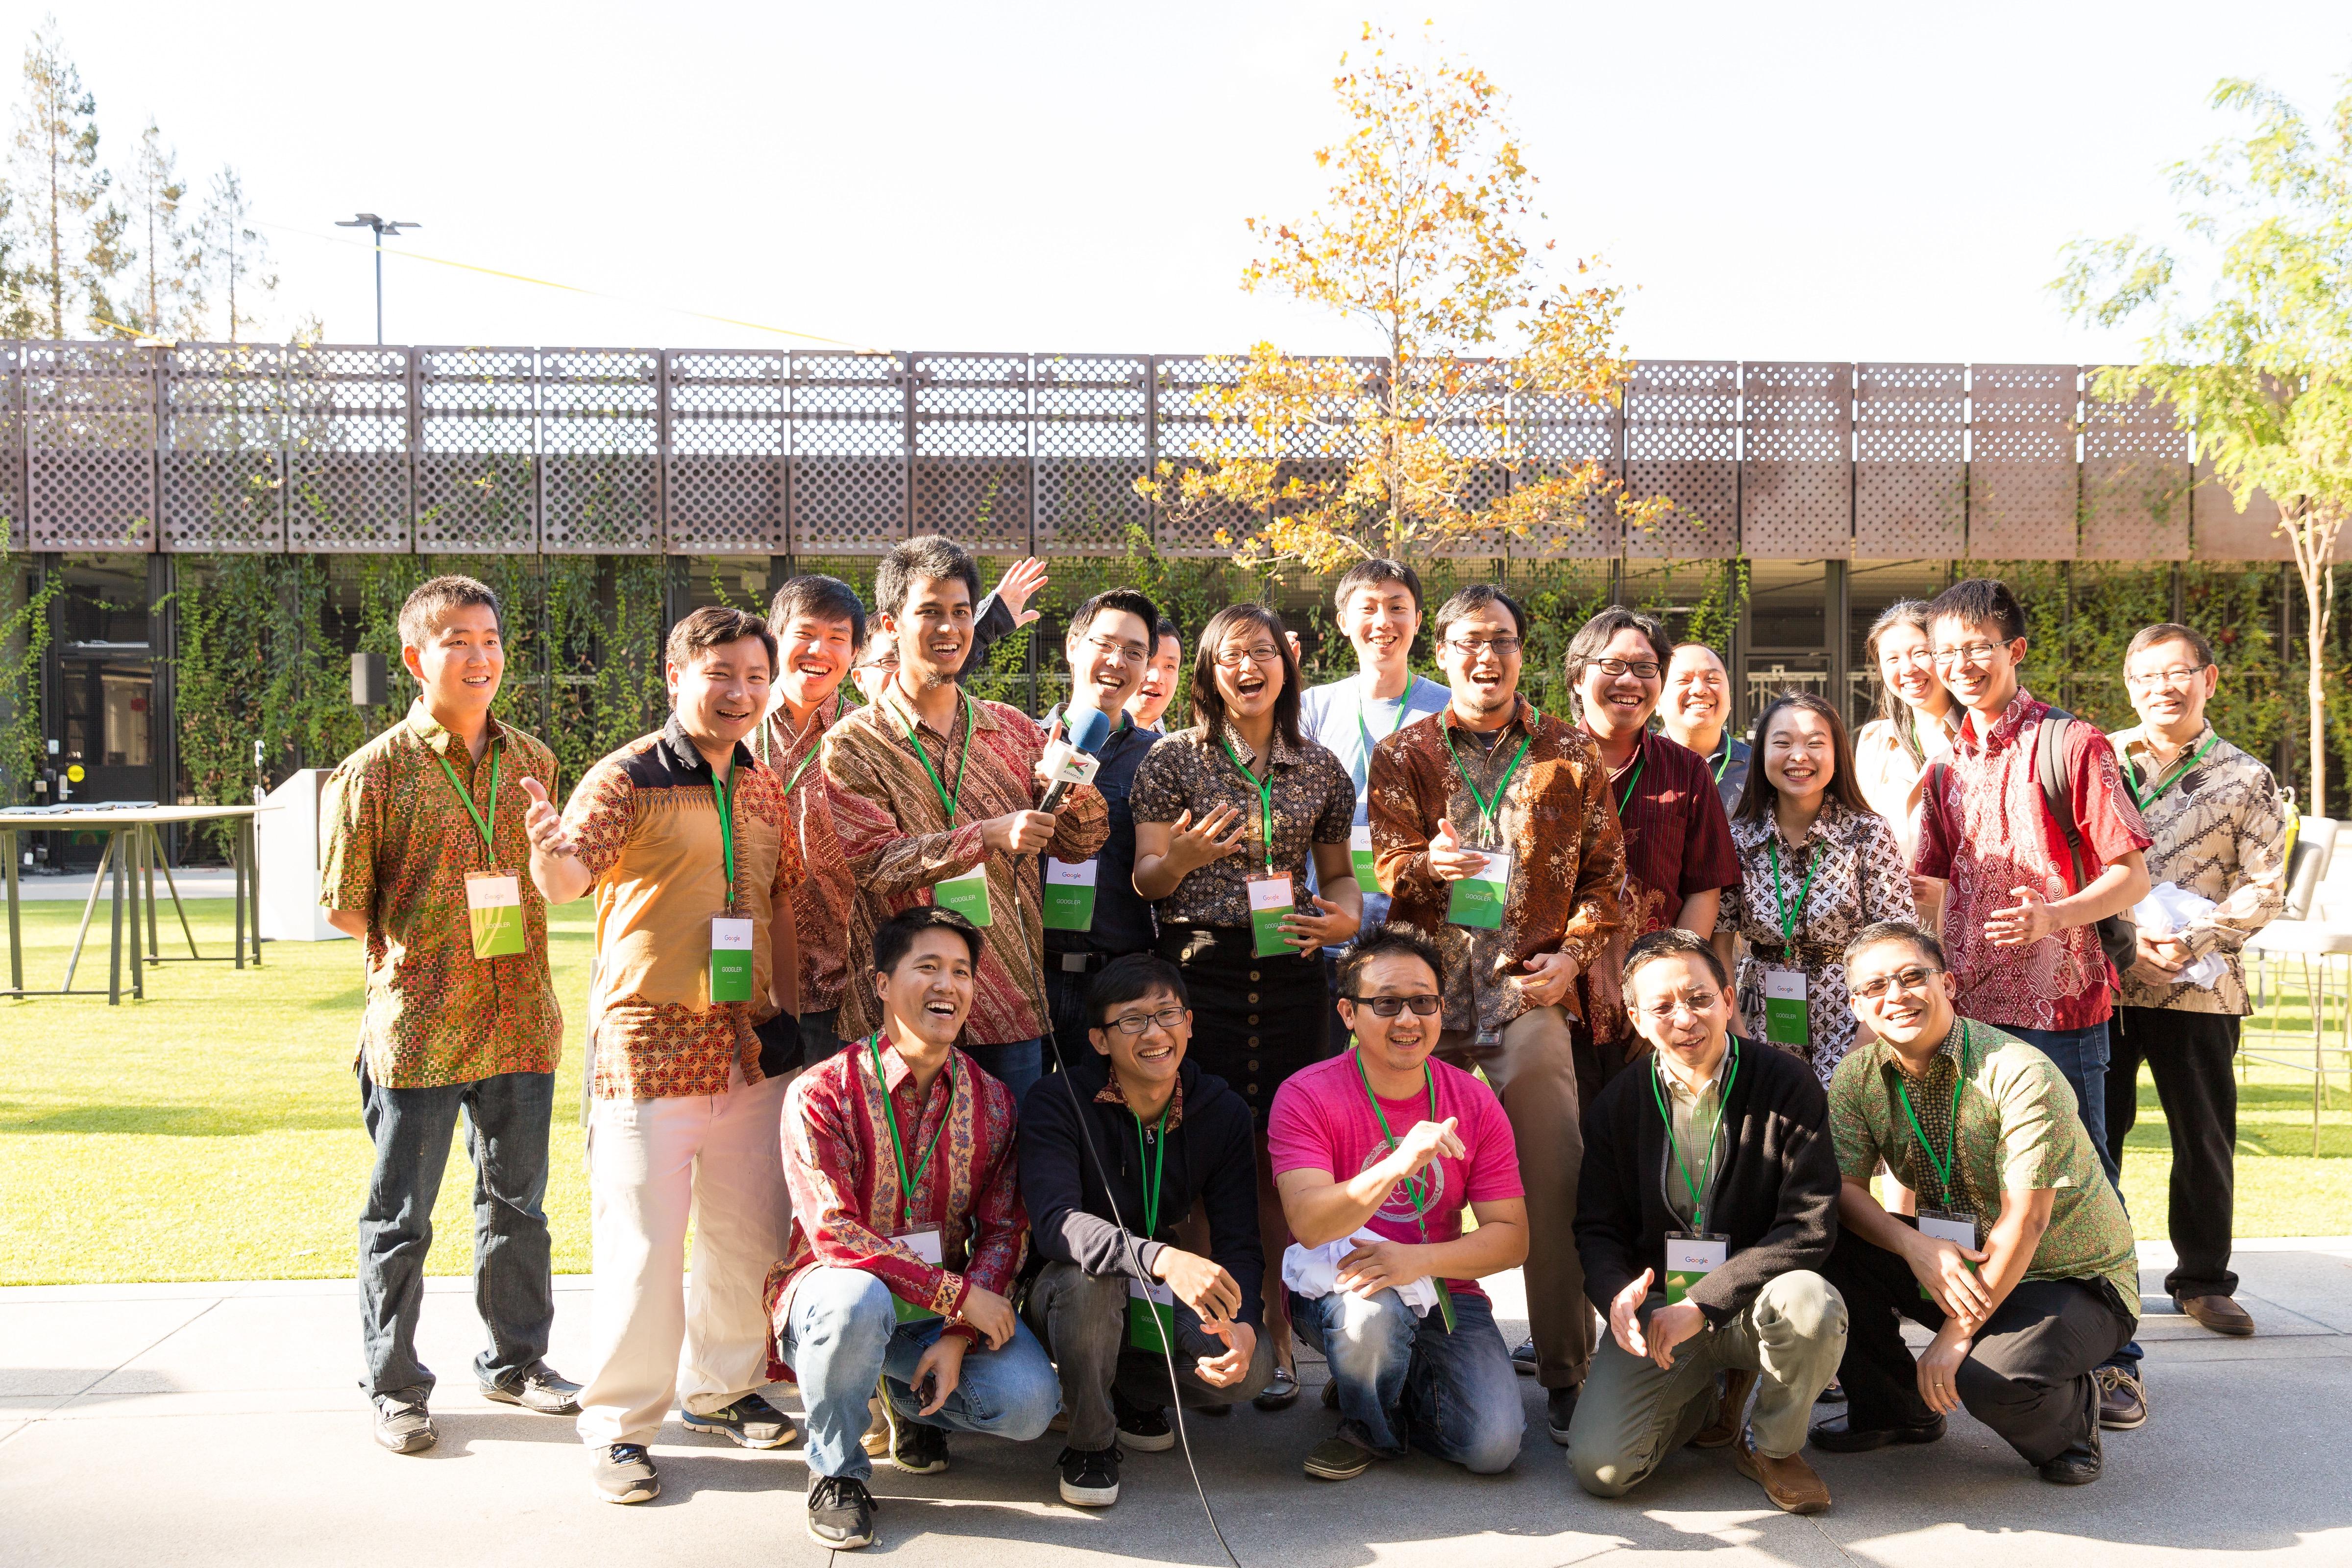 Indo delegation visit to SV - 89 of 115